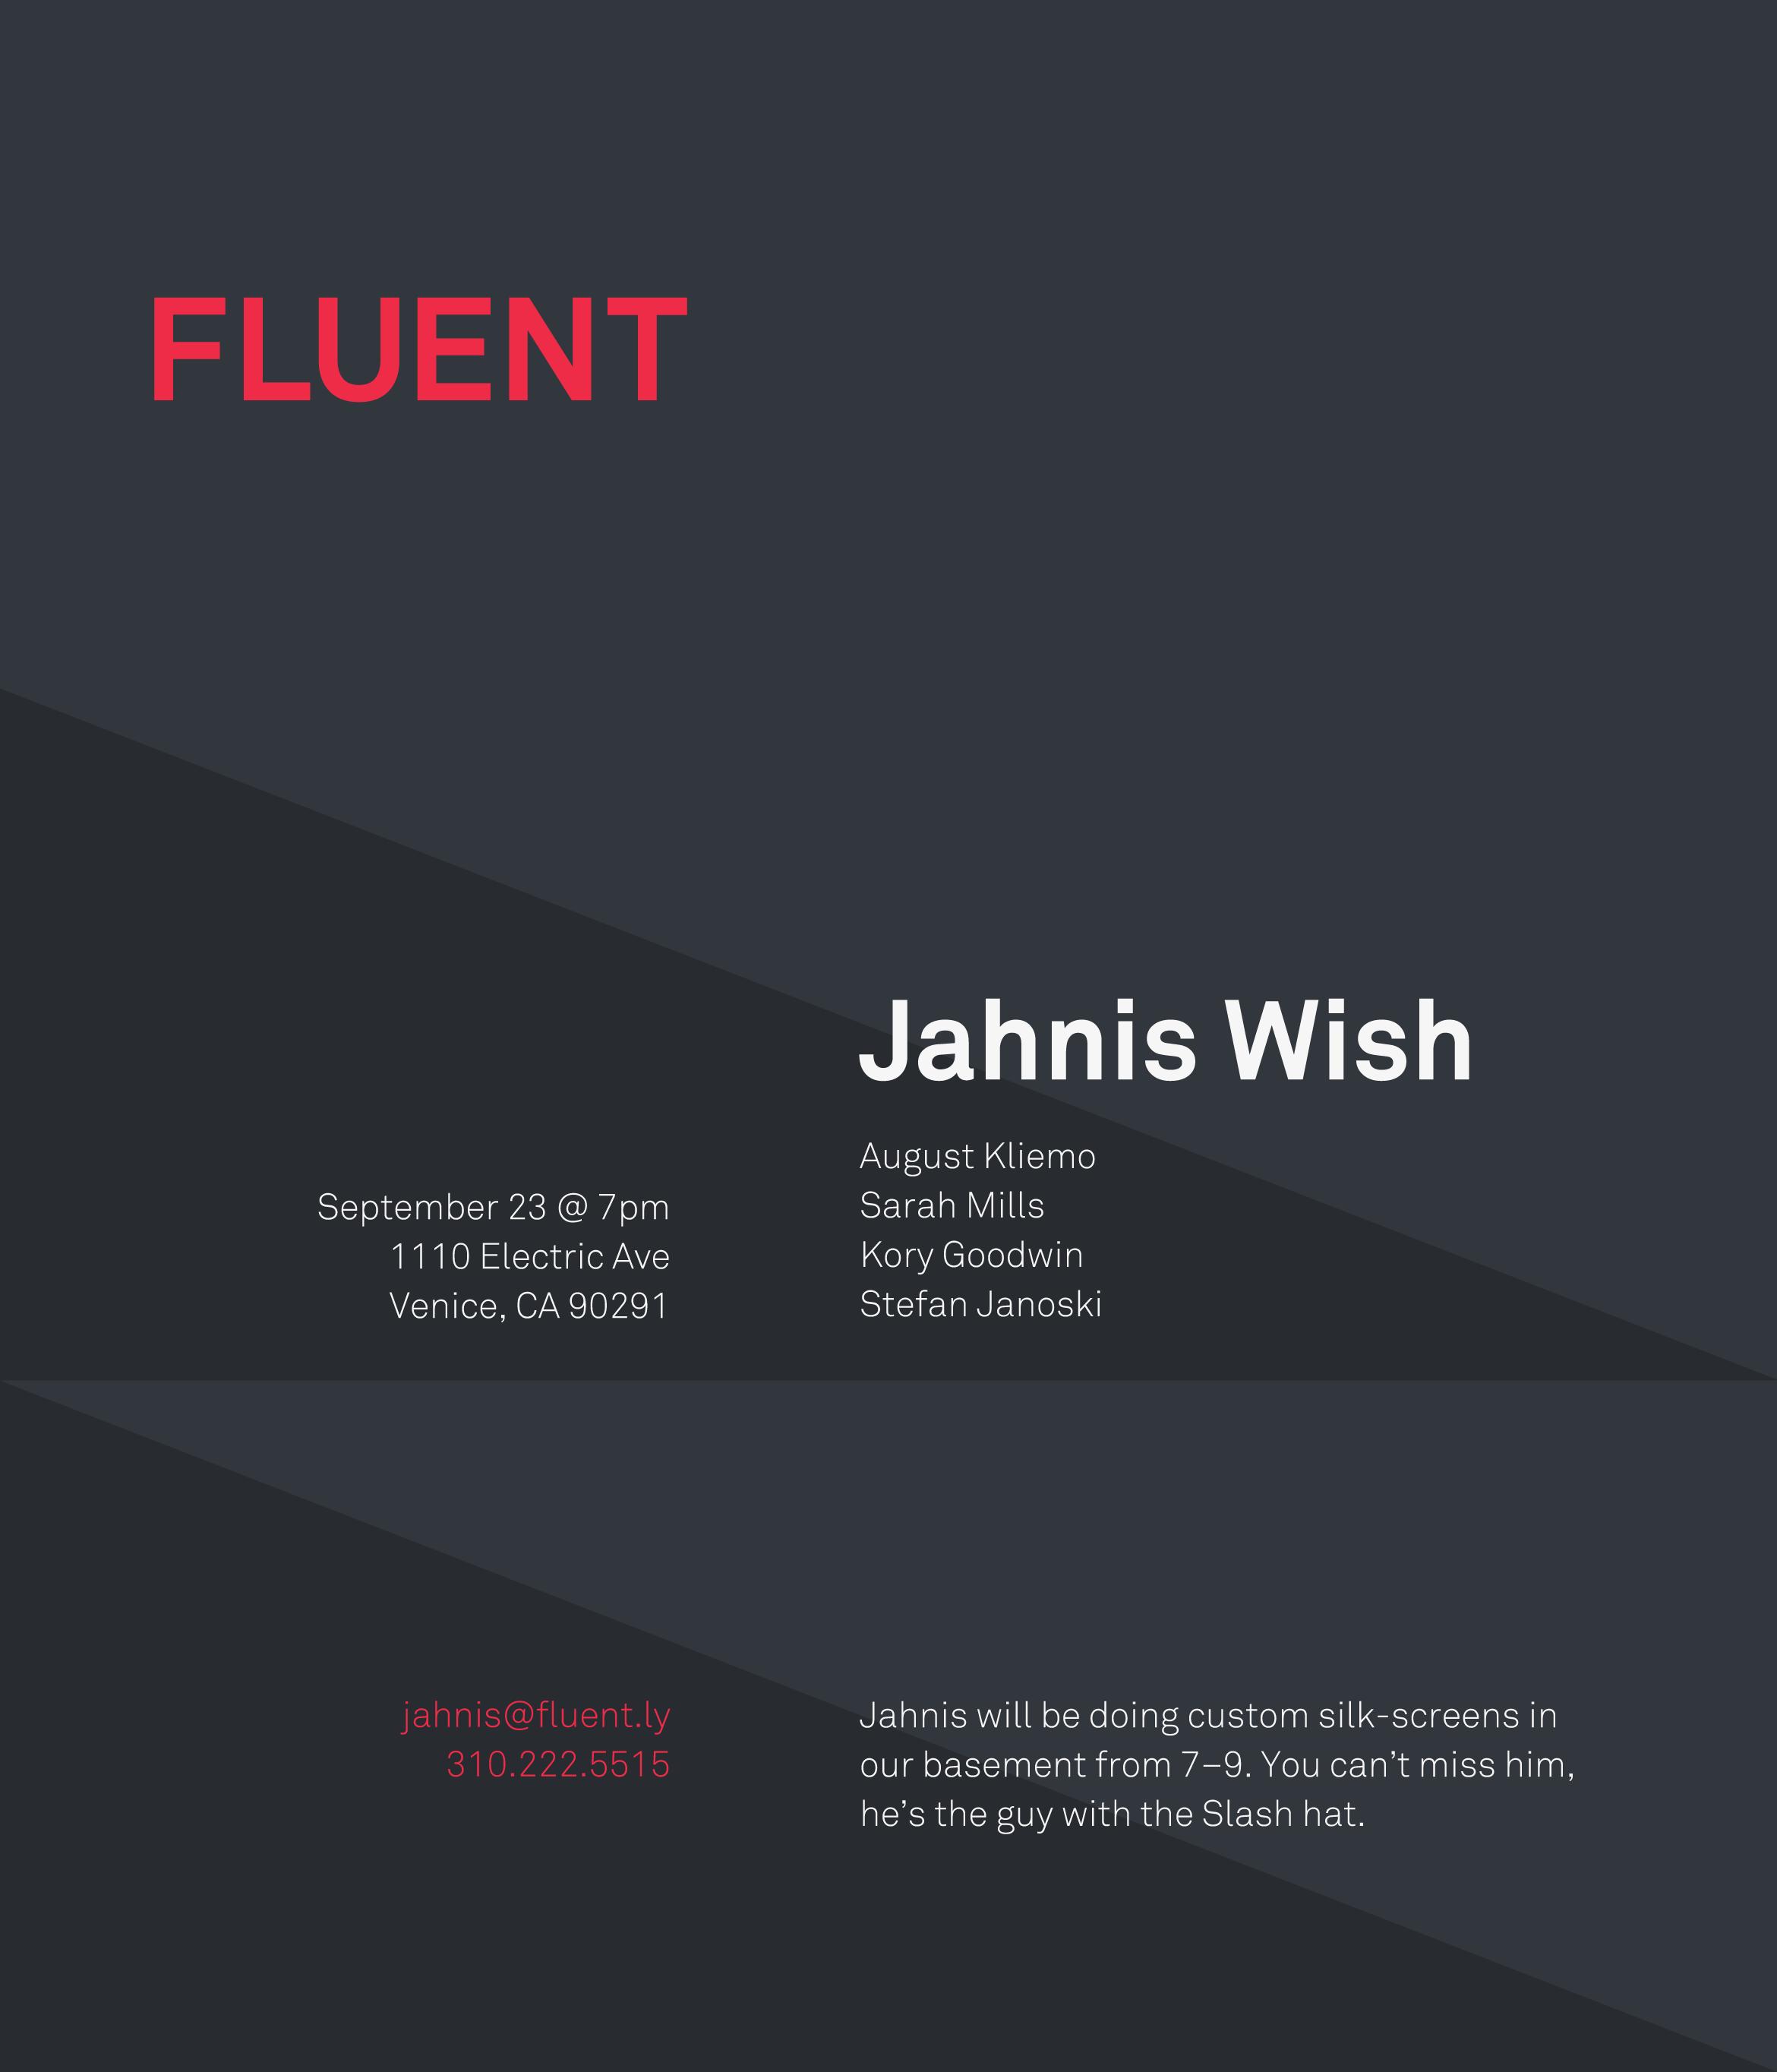 raykovich_fluent_poster_03